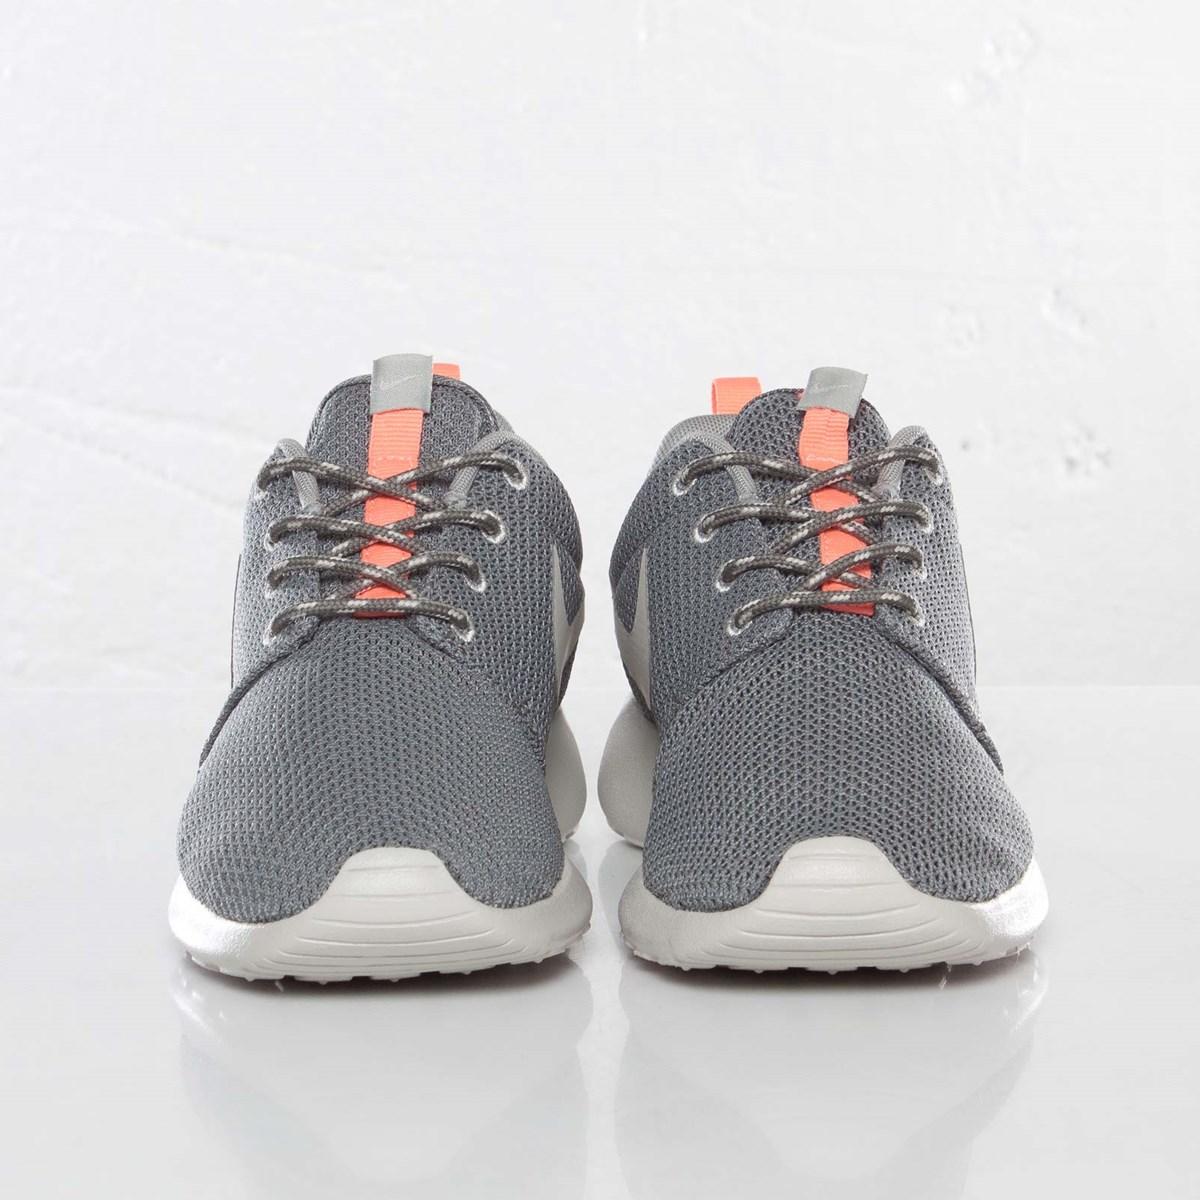 super popular 4a433 10555 Nike Wmns Rosherun - 511882-005 - Sneakersnstuff   sneakers   streetwear  online since 1999